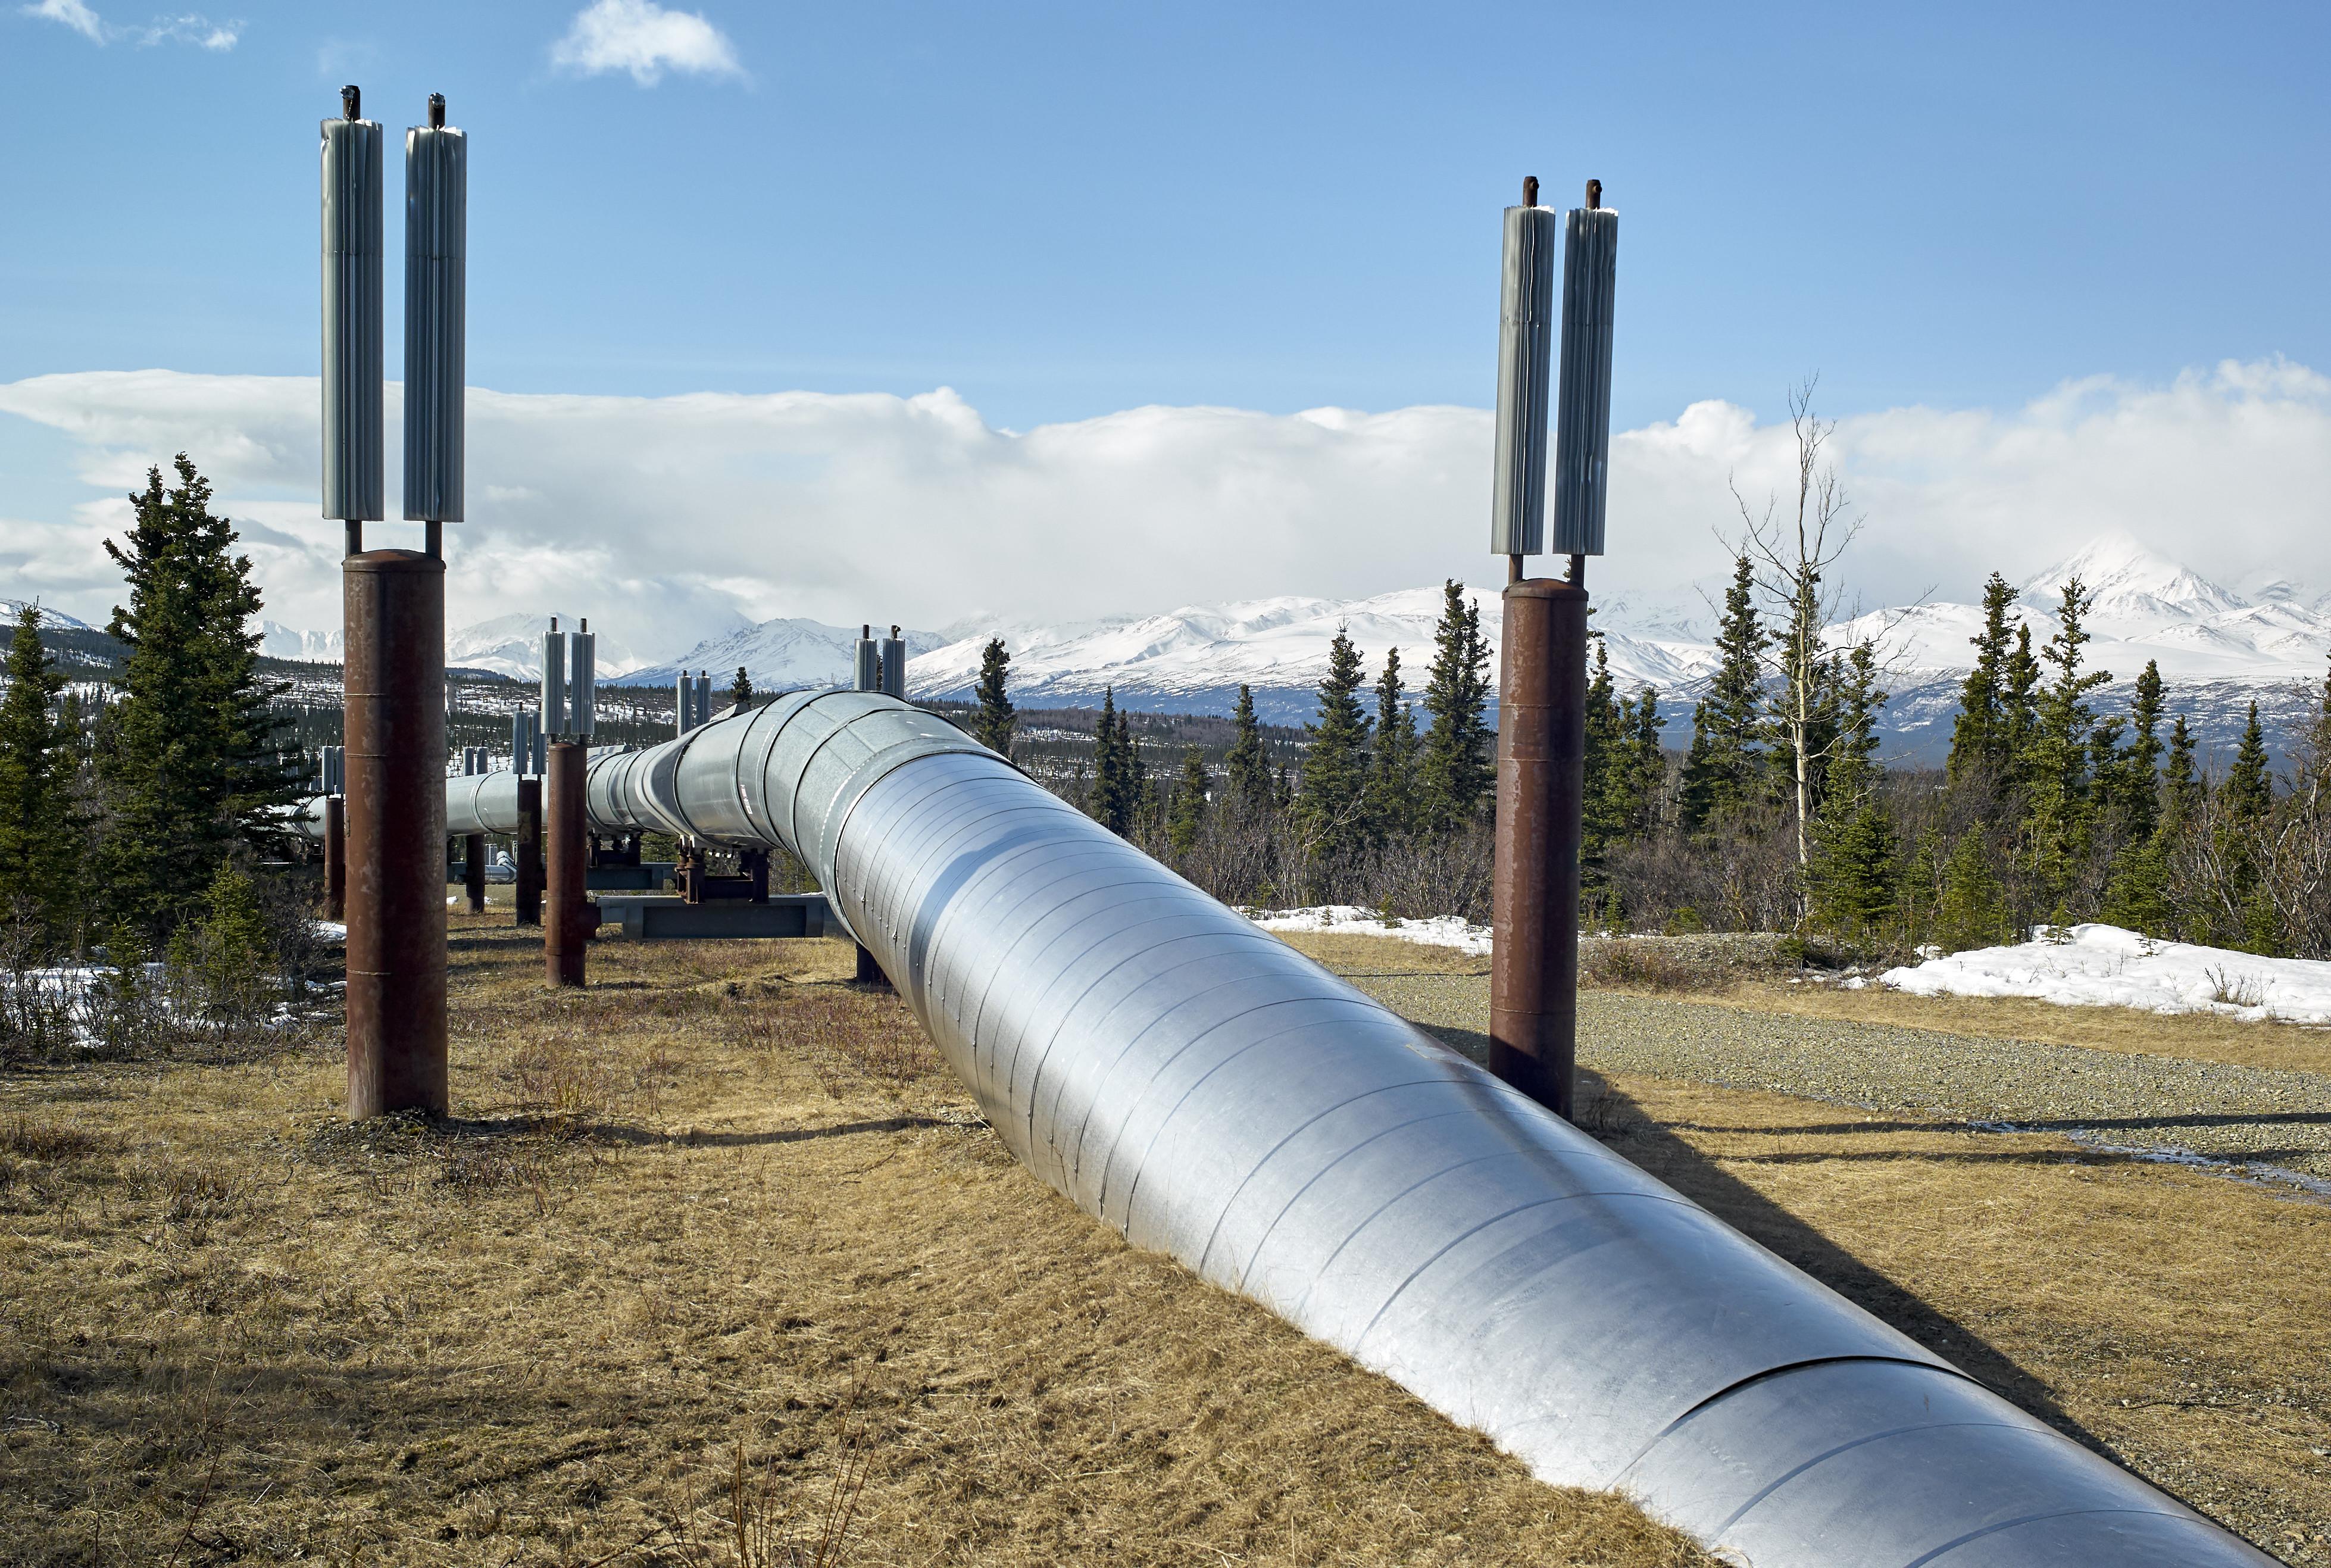 Az utolsó pillanatban Trumpnak sikerült megnyitnia az utolsó alaszkai vadont az olajcégek előtt